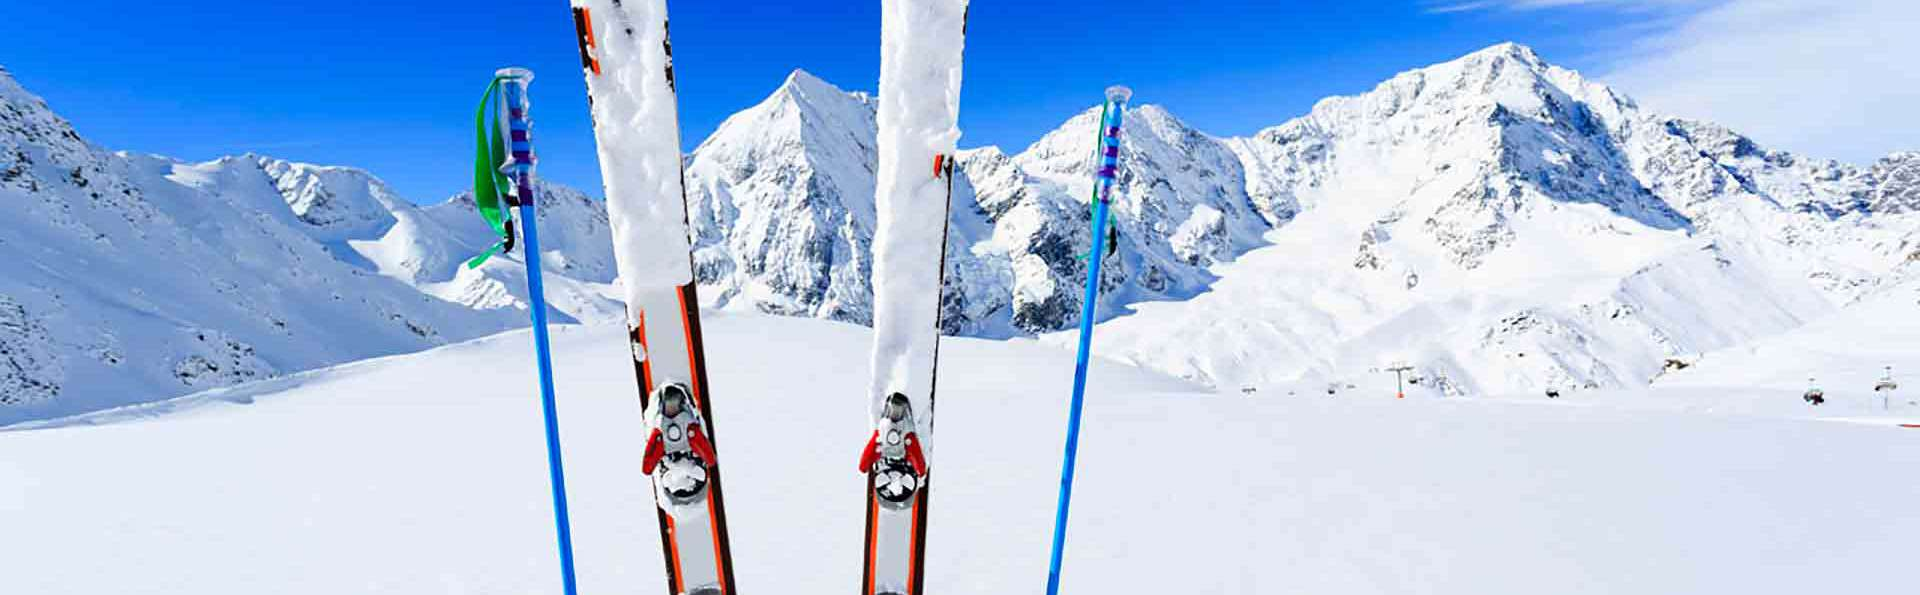 Especial Esquí: Escapada con Forfait para Alto Campoo en una casona montañesa